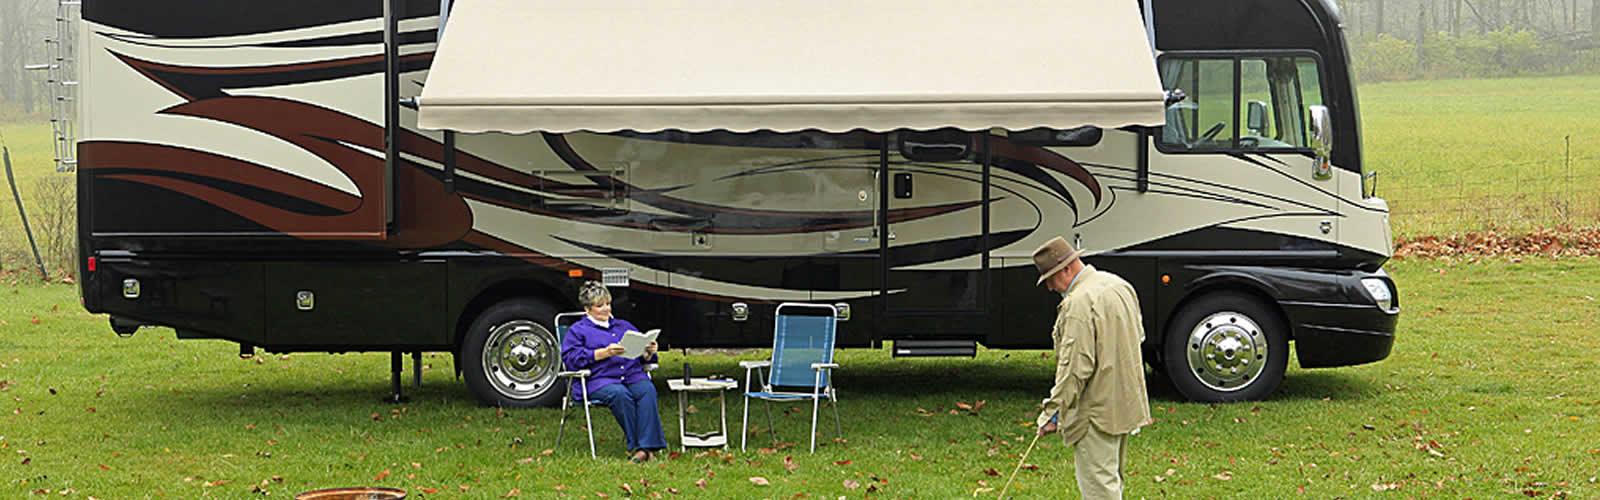 Greater Atlanta Rv Show 2020.Atlanta Camping Rv Show January 24 26 2020 Atlanta